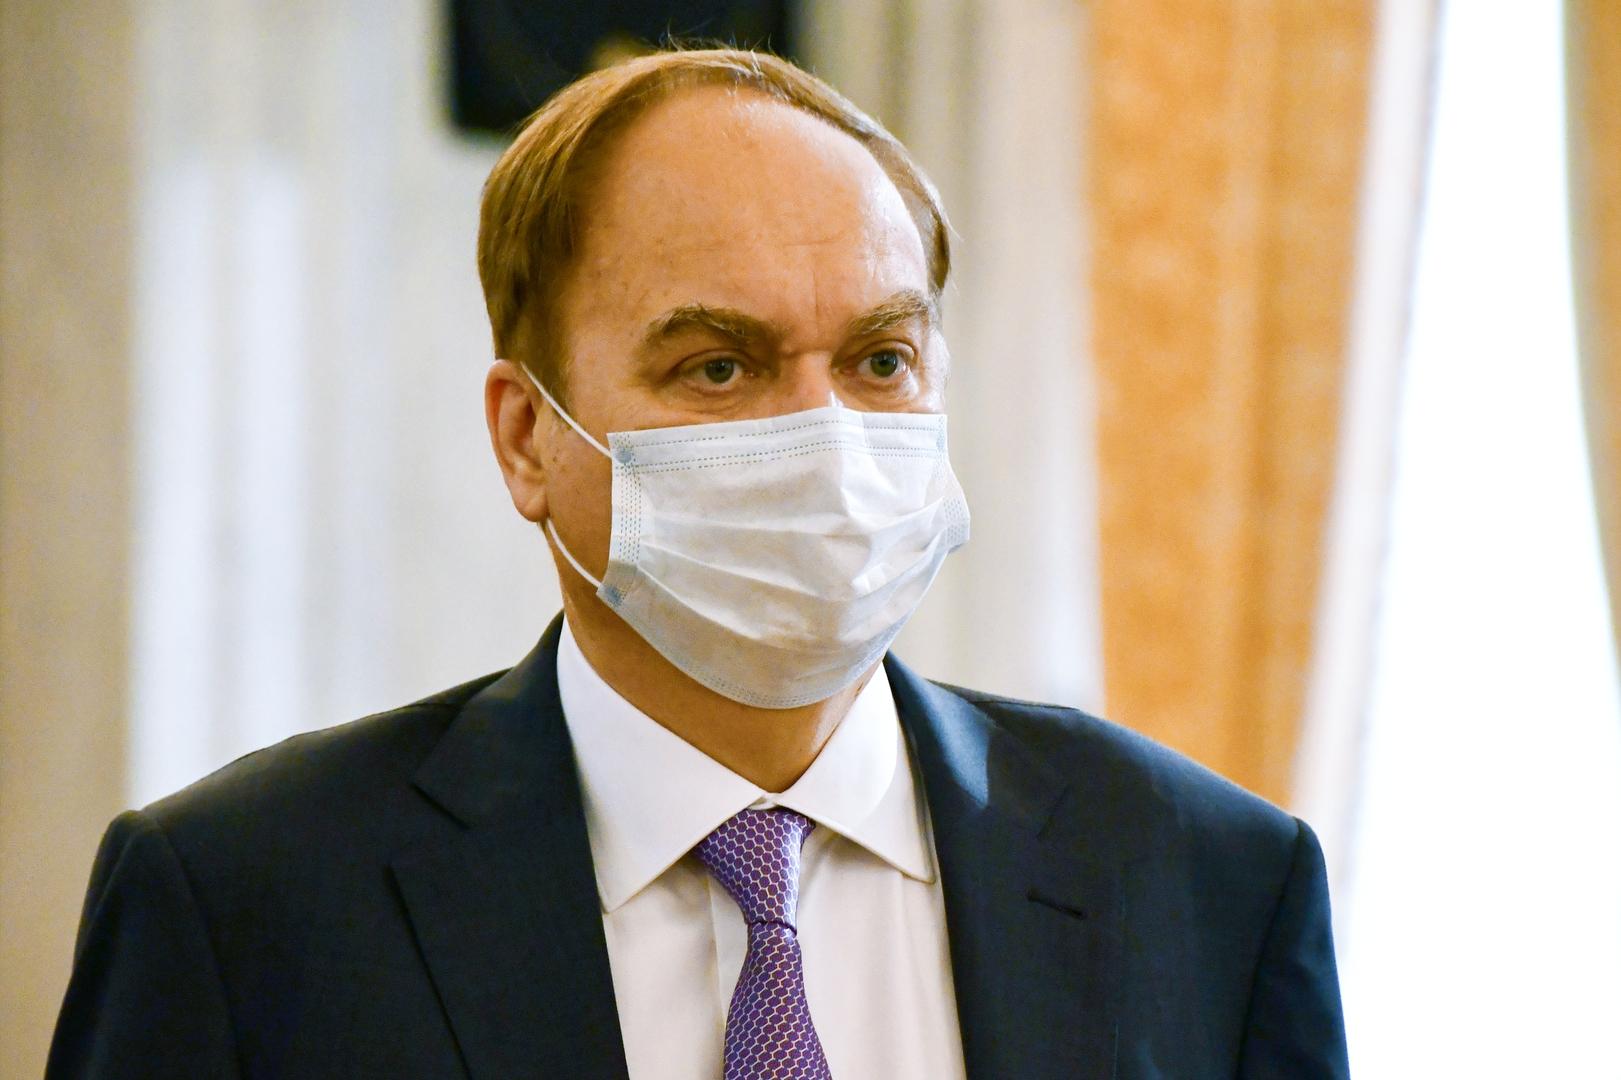 السفير الروسي بواشنطن: لا نقوم بتسييس موضوع لقاحات كورونا